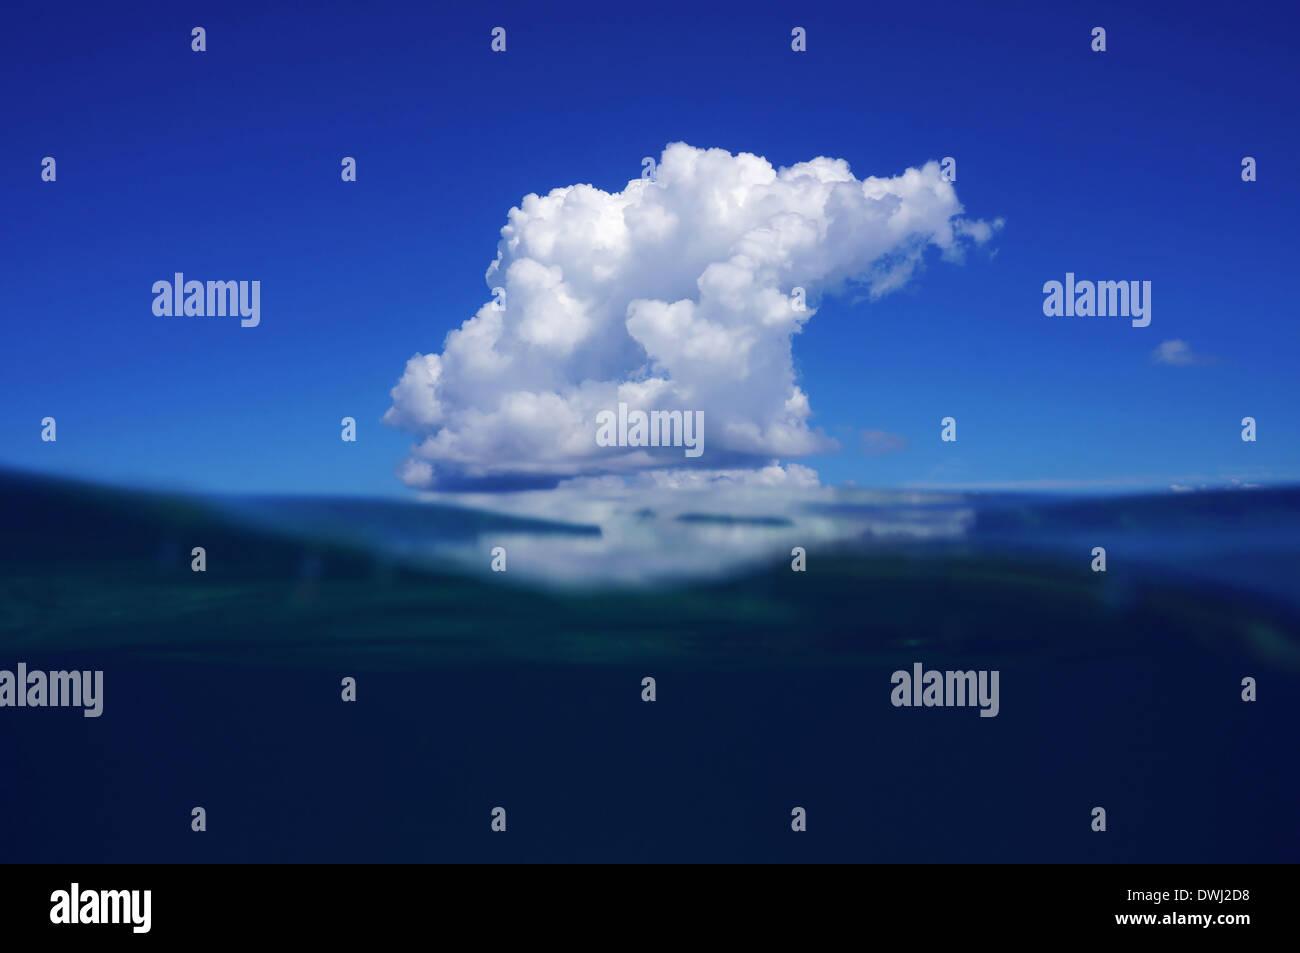 Blauer Himmel und Meer geteilt durch die Wasserlinie mit einer Wolke, die sich auf Wasser des karibischen Meeres spiegeln Stockbild